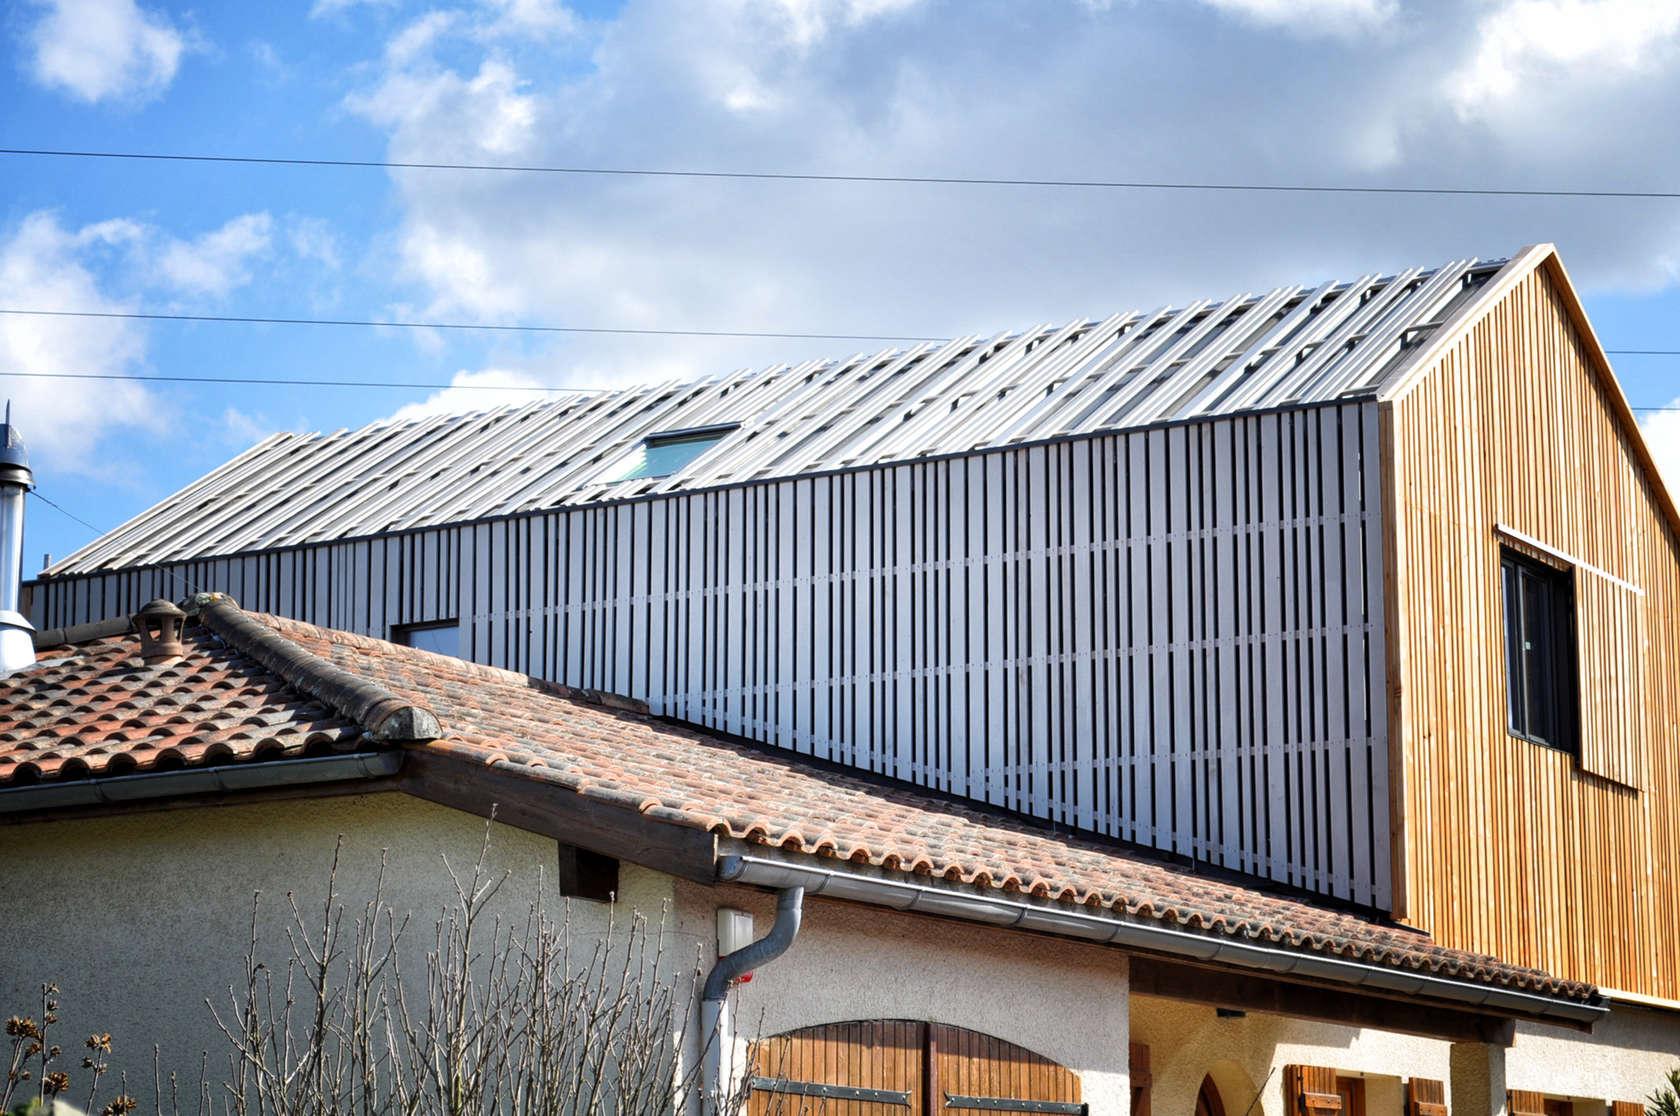 La maison sur le toit architizer - Maison sur toit ...